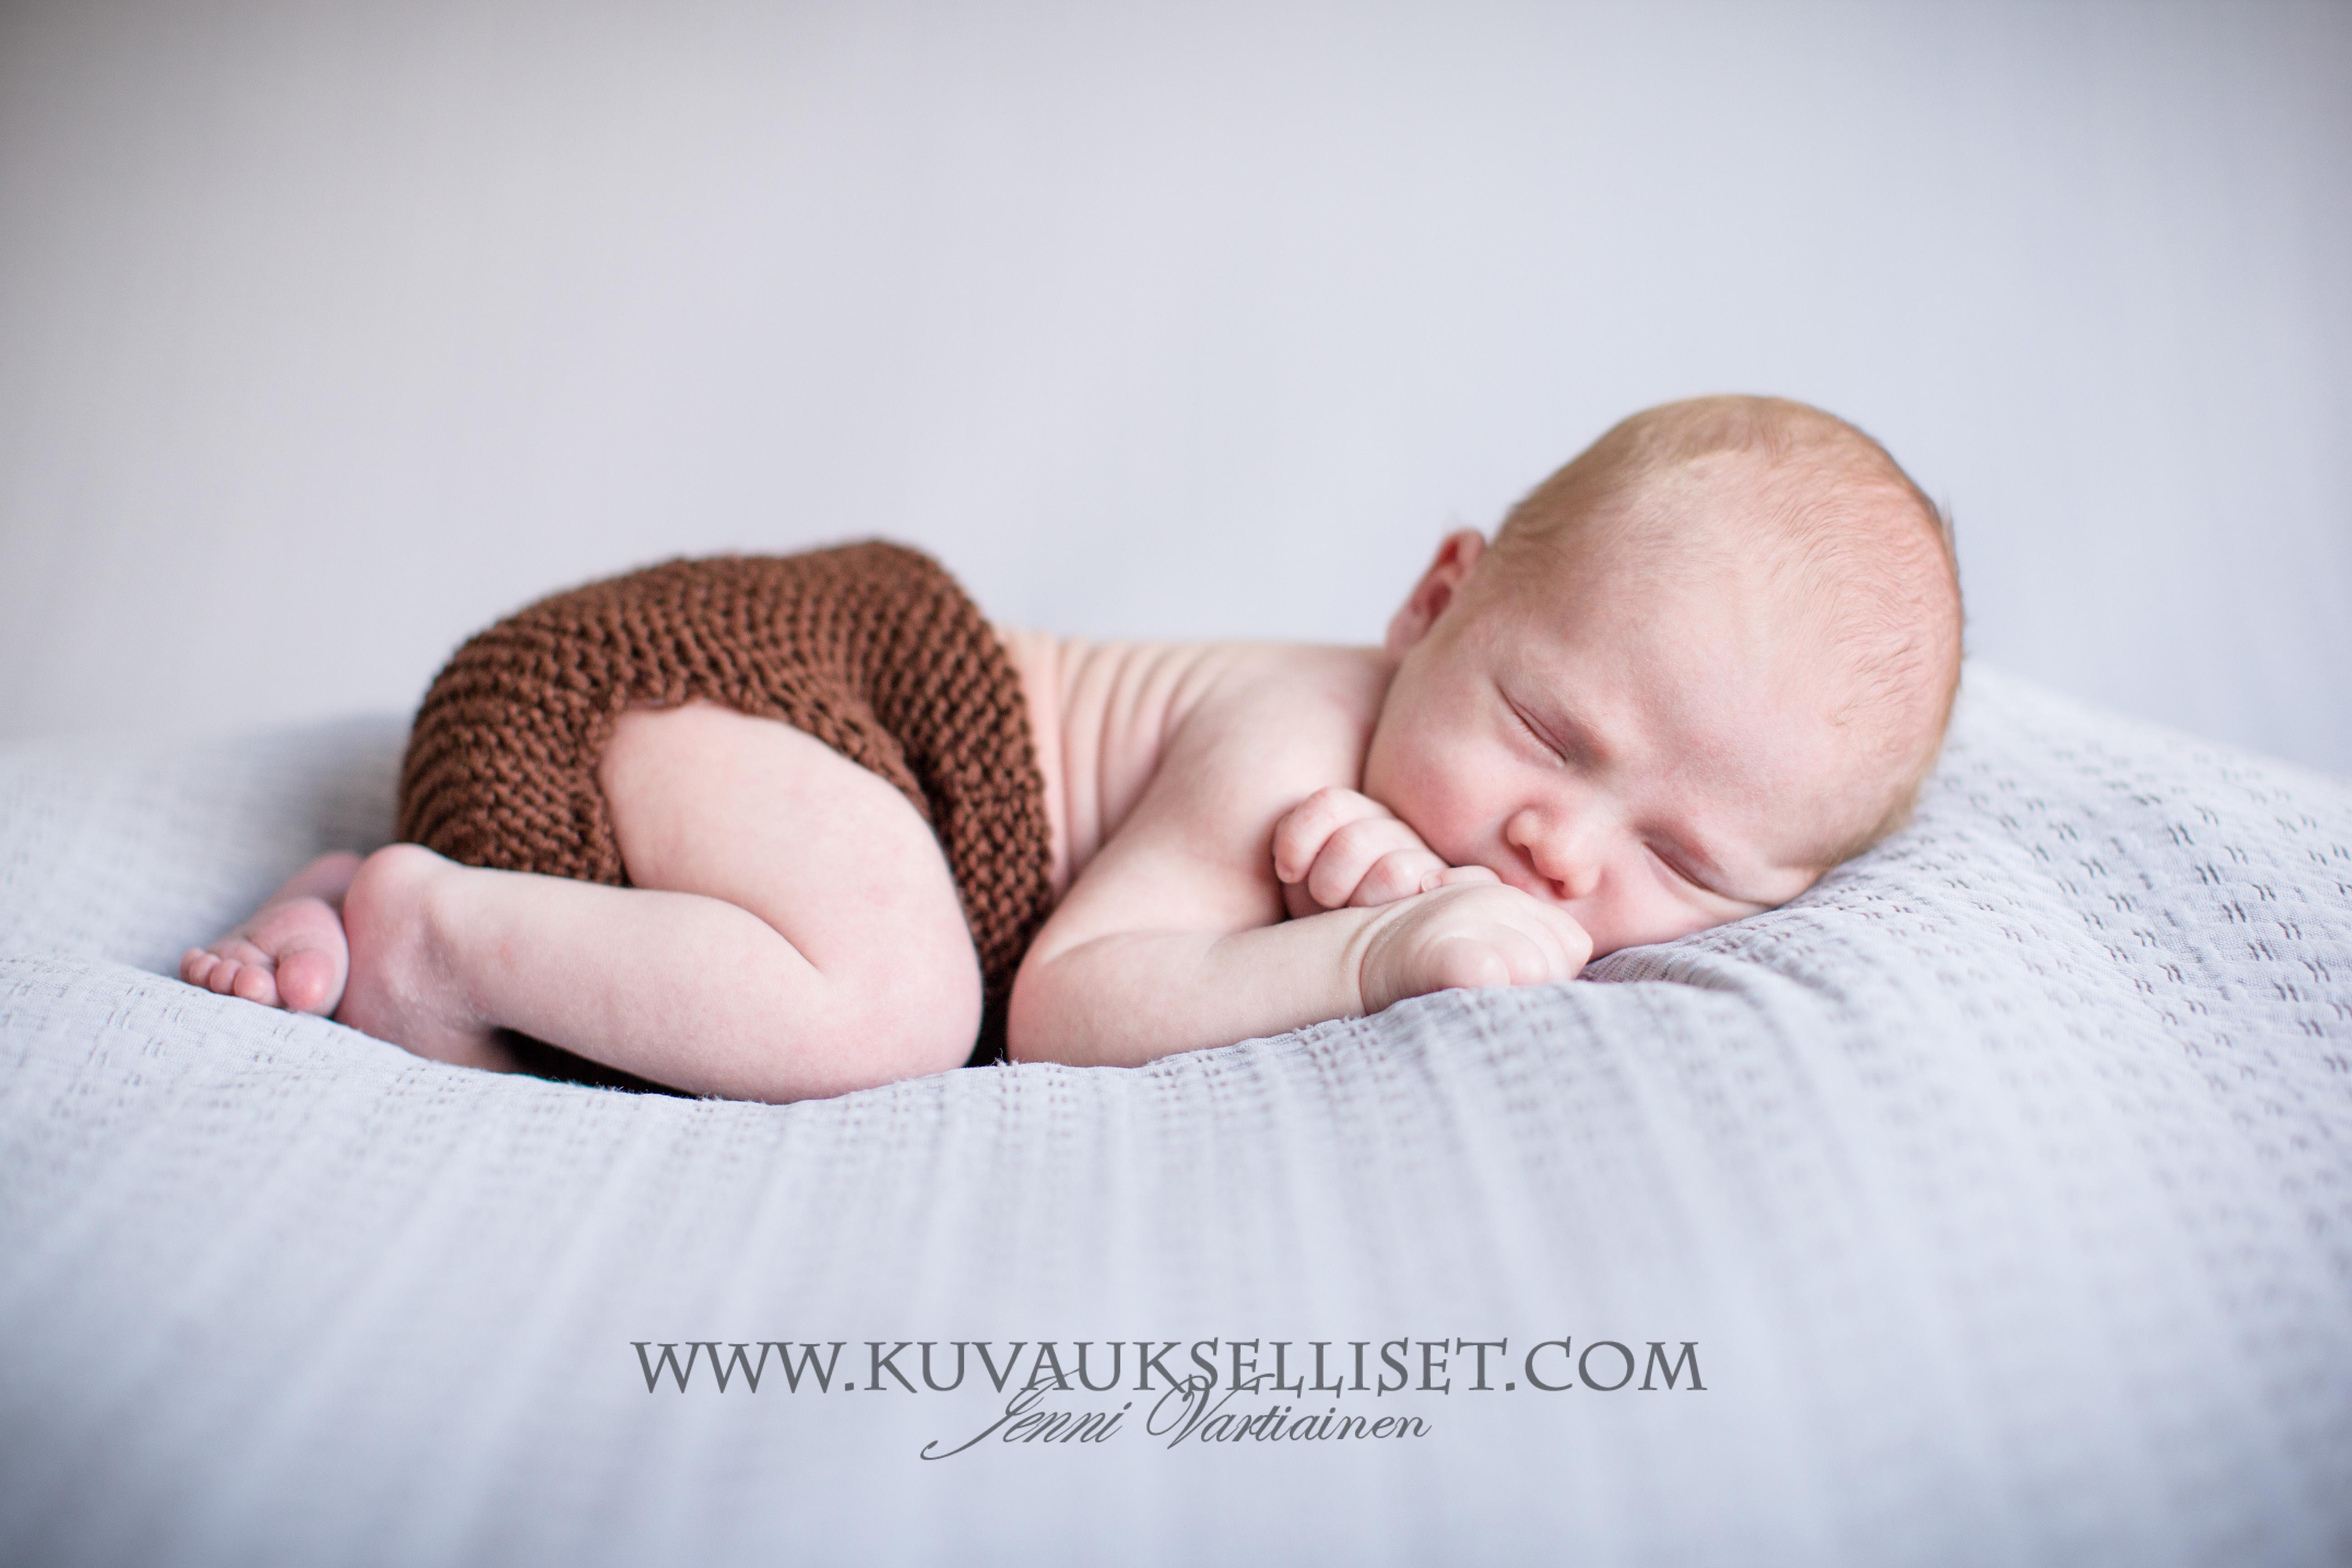 2015.3.15 vastasyntyneen kuvaus jenni vartiainen vauvakuvaus new born photography  logo-1